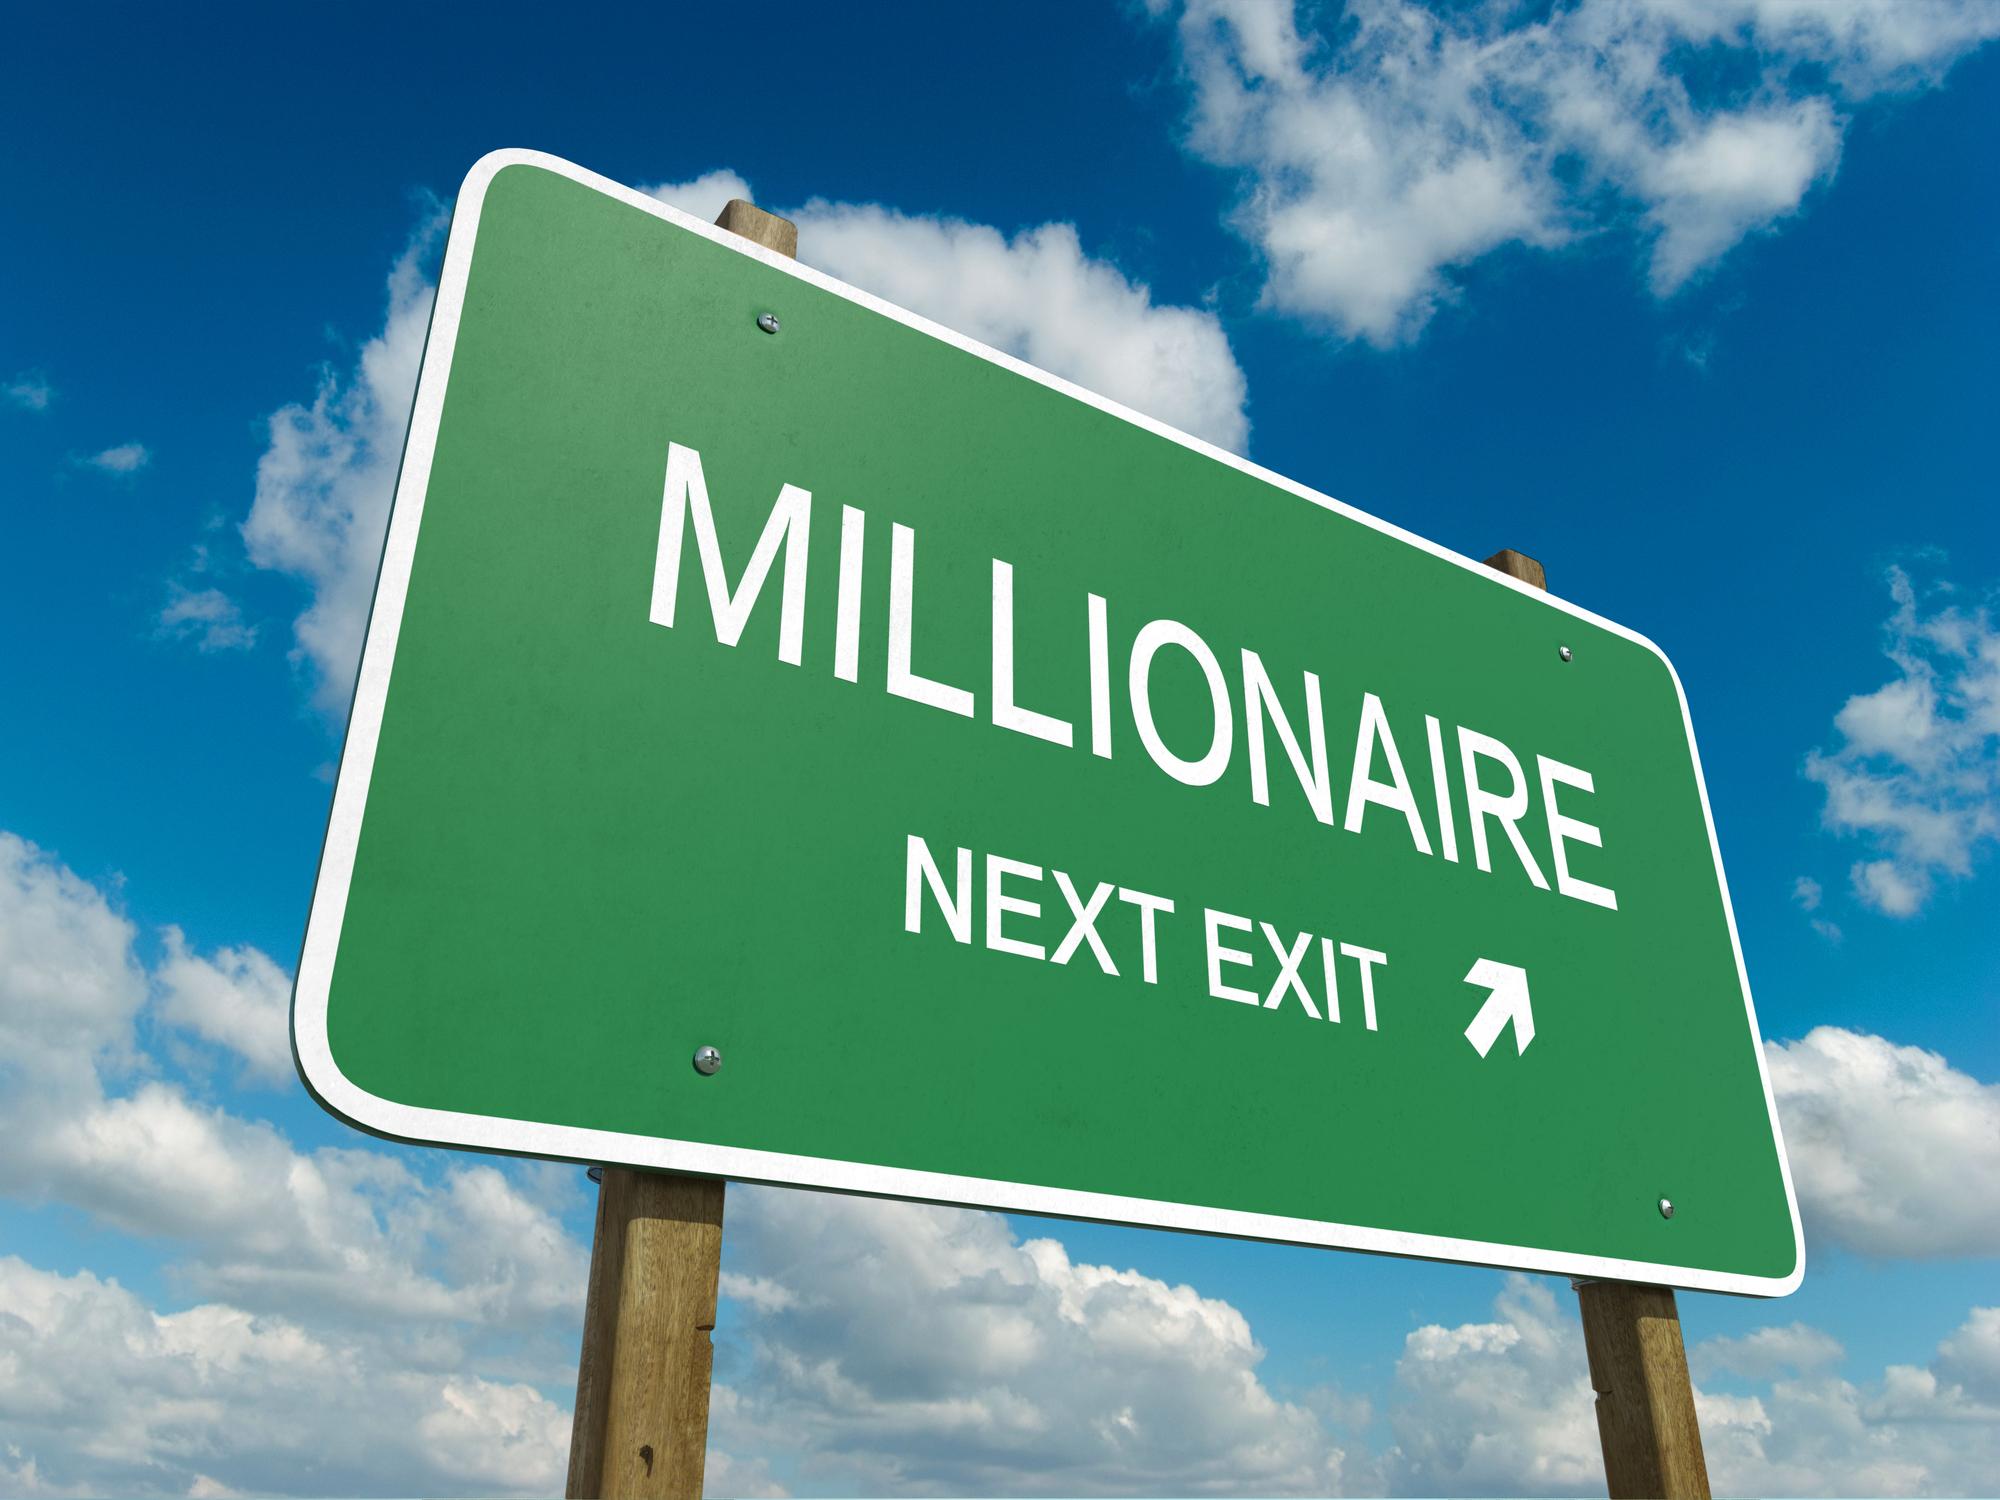 Millionare